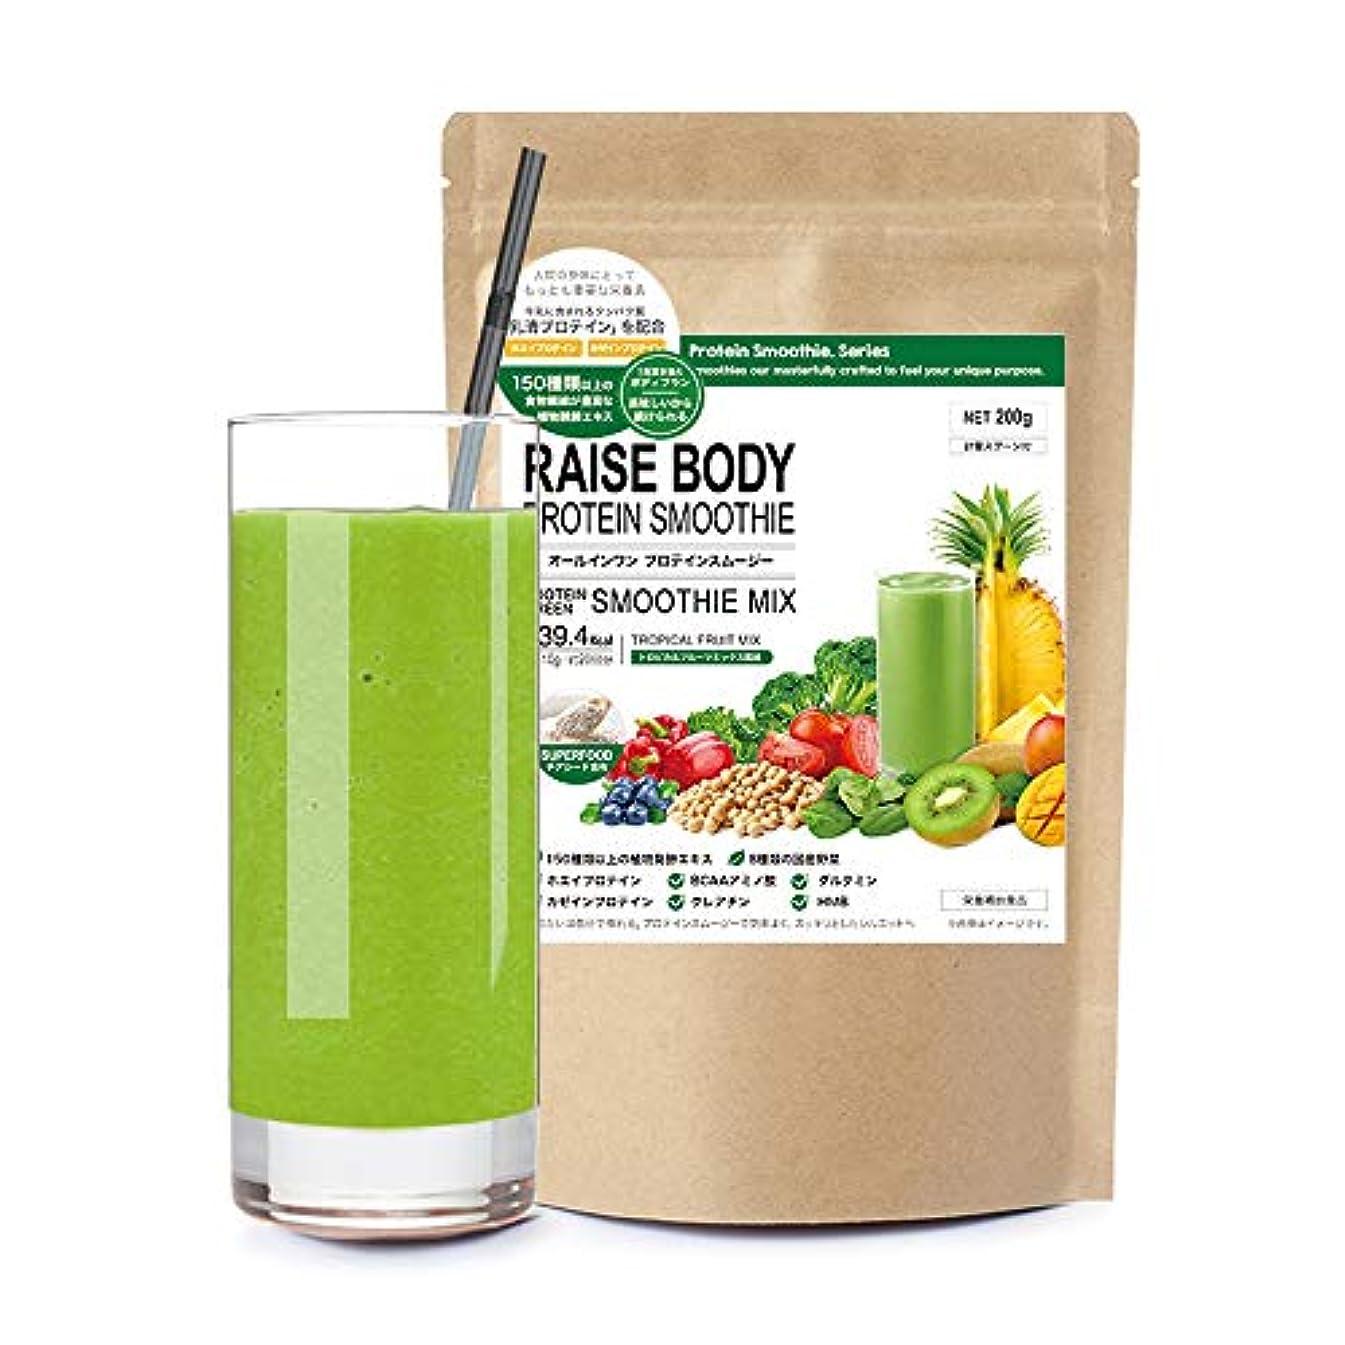 耕す思慮のないジャンピングジャックスムージー プロテイン ダイエット シェイク ミネラル酵素 置き換え トロピカルフルーツ風味 RAISE BODY 200g(20回分)